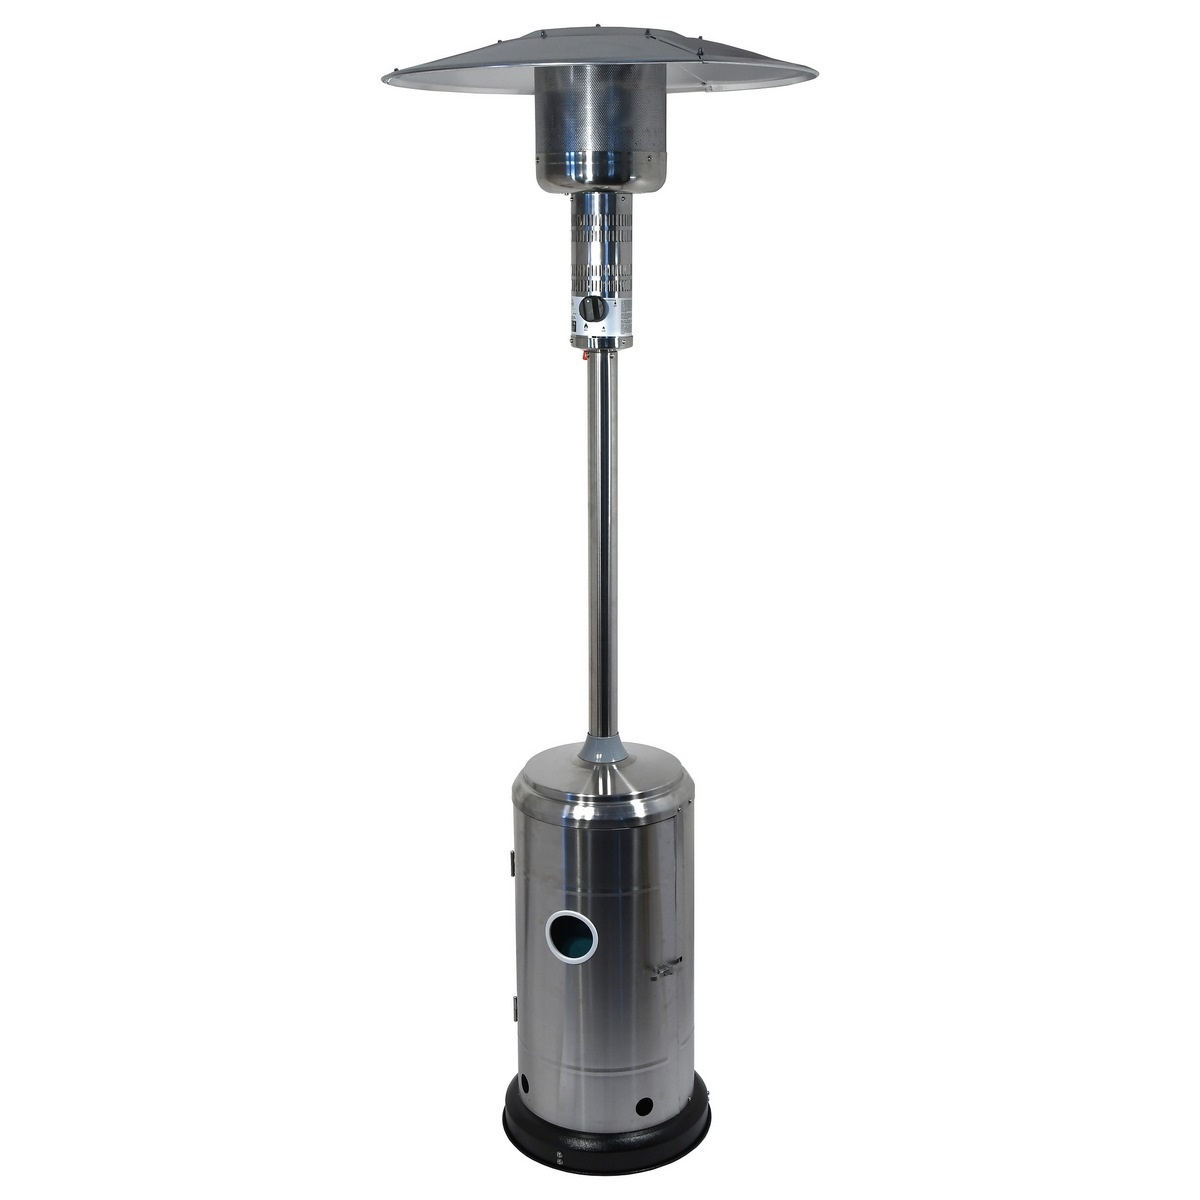 Cattara Plynový zářič SILVER s regulátorem 12,5 kW, 225 cm